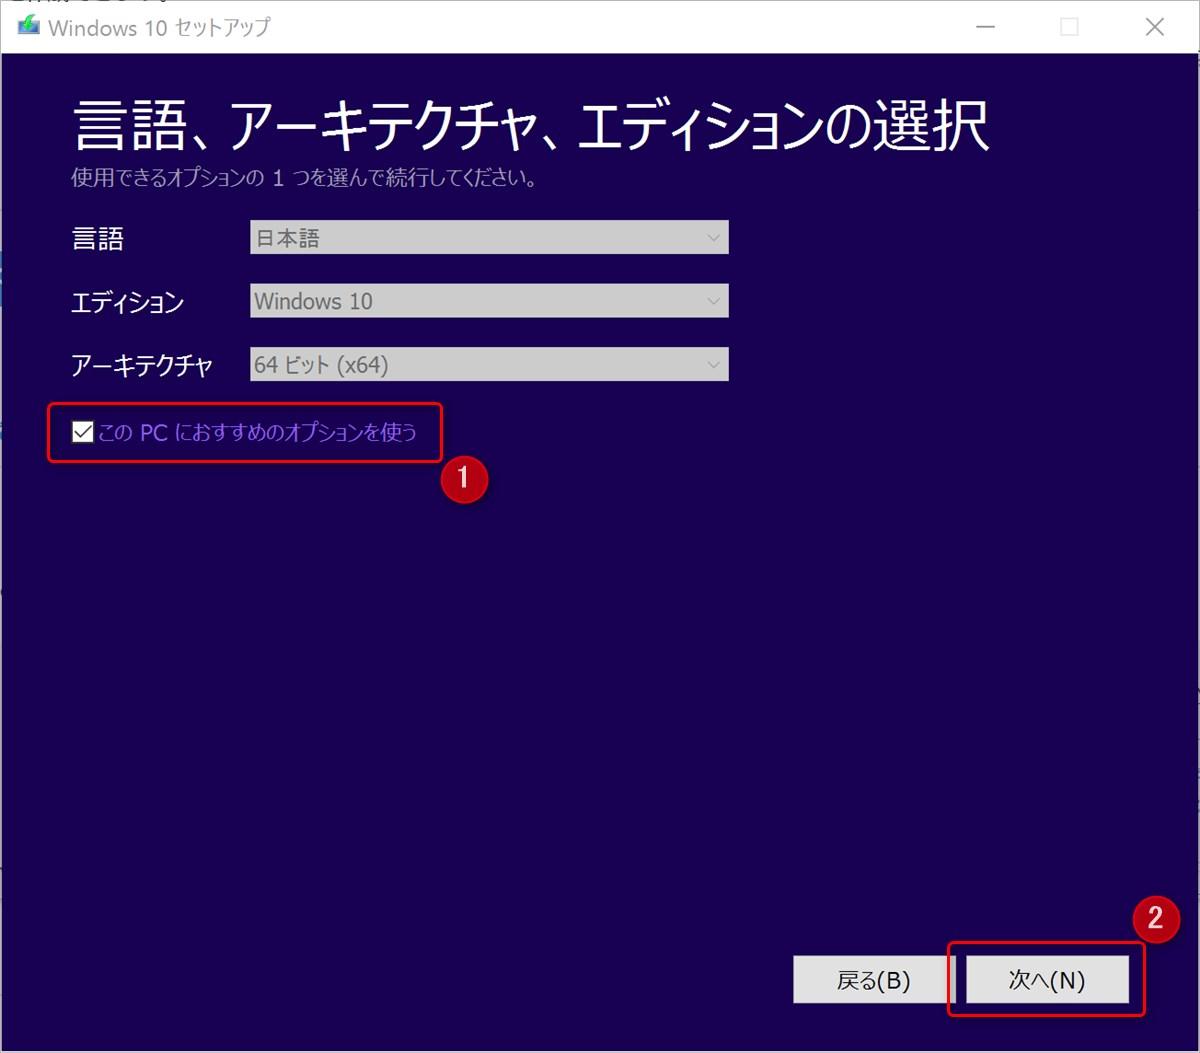 Windows 10 upgrade 5